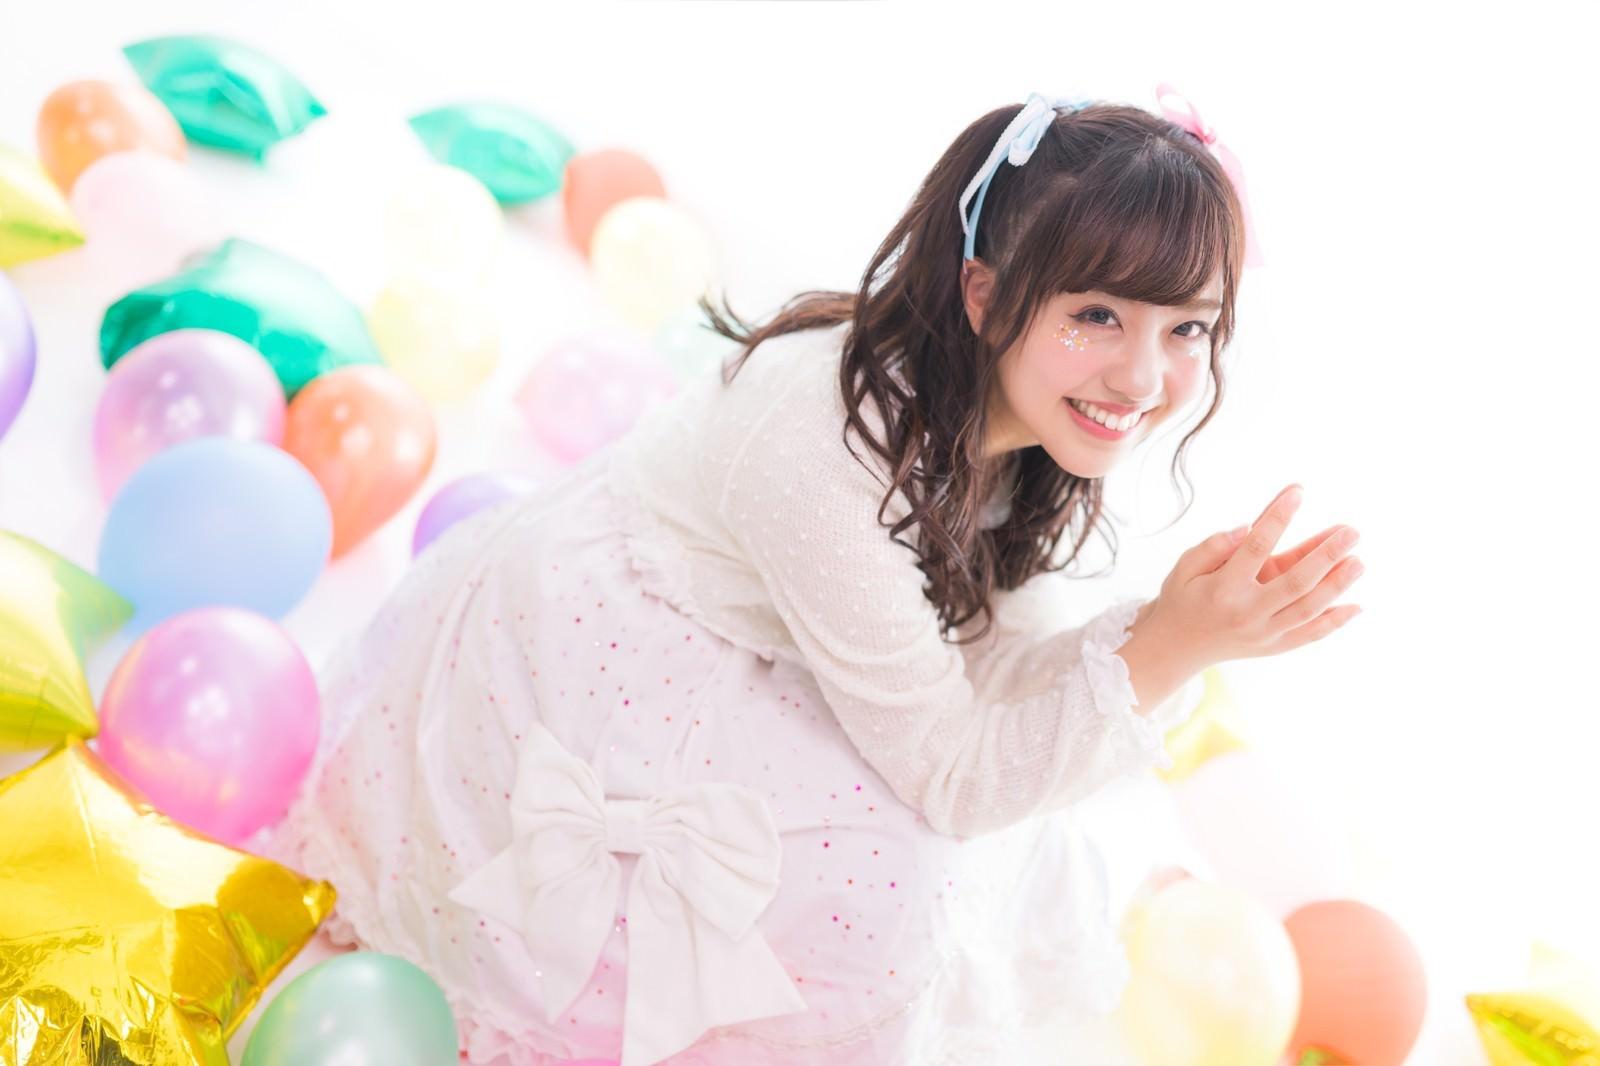 Yuka-Kawamura-Free-Stock-Photo-Idol-04.jpg